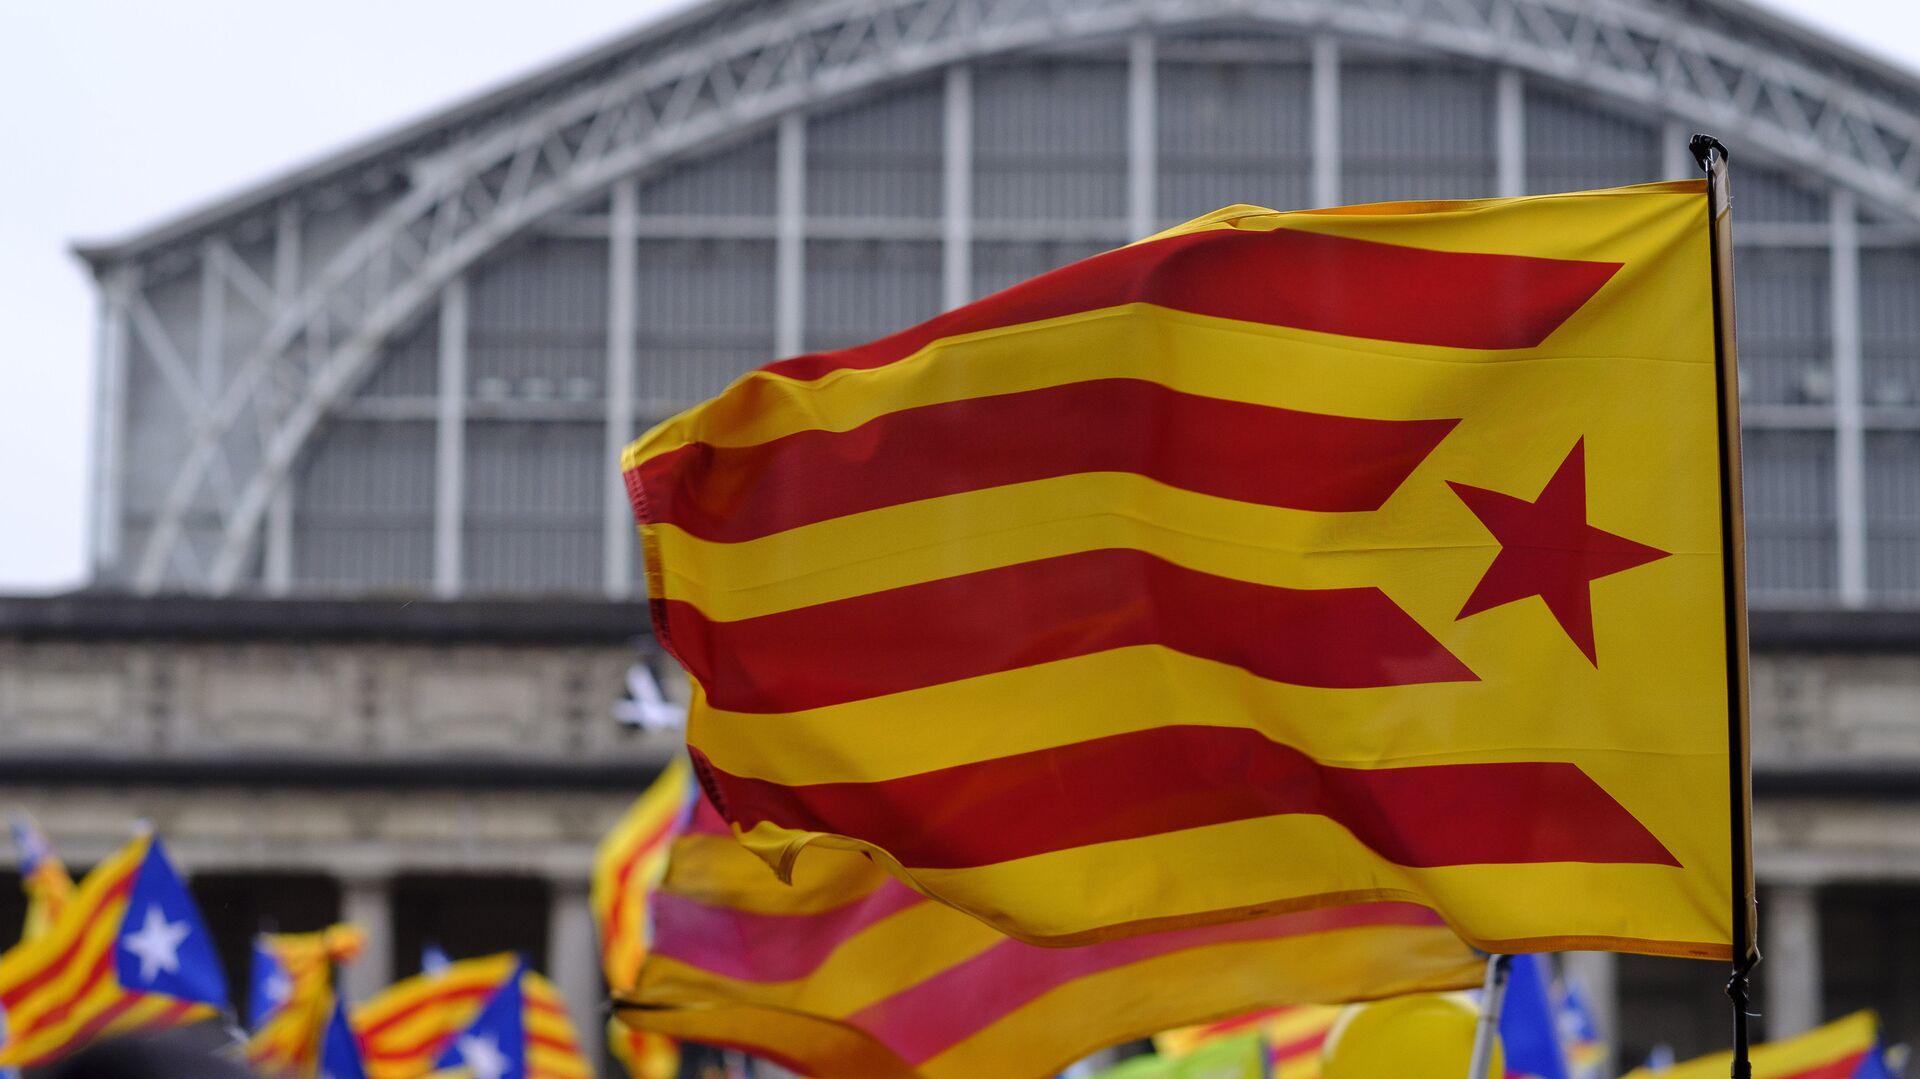 Bandera independentista de Cataluña - Sputnik Mundo, 1920, 12.05.2021